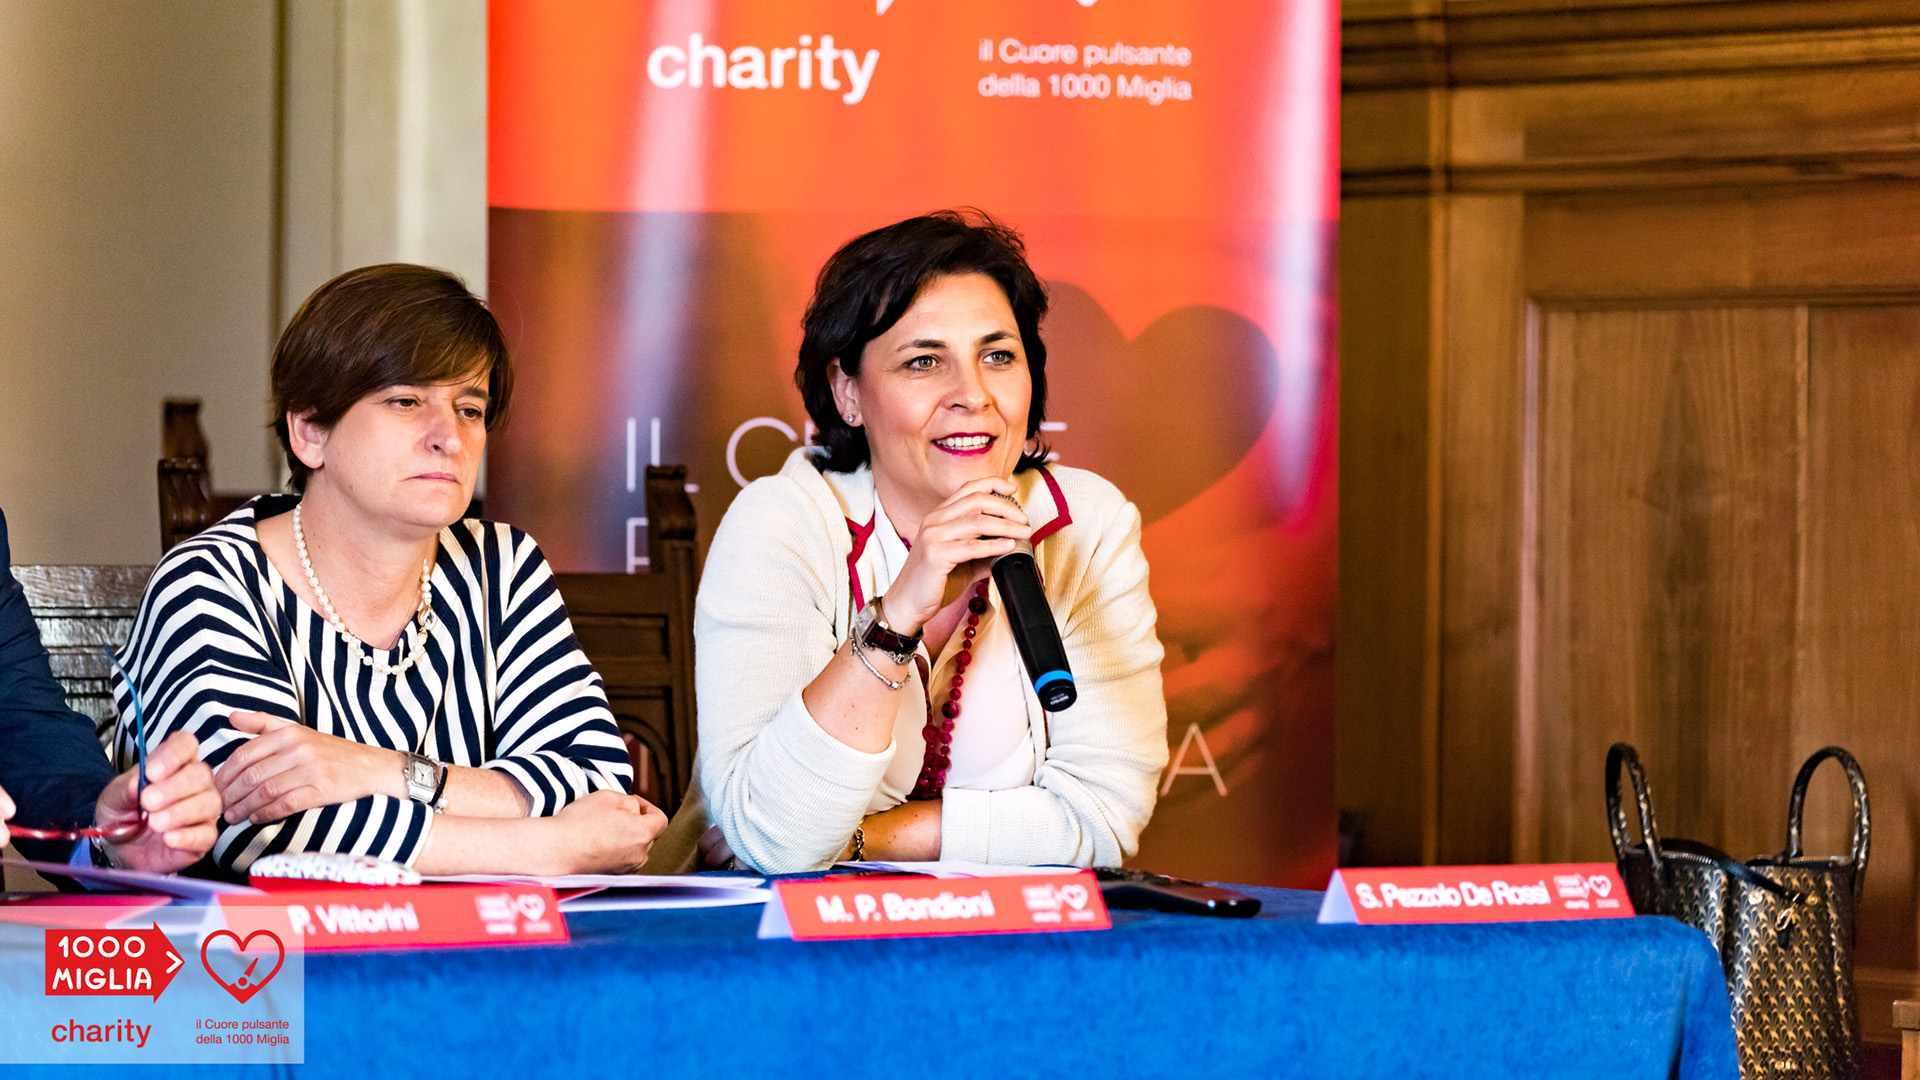 1000 Miglia Charity - Simona Pezzolo De Rossi - Delegata 1000 Miglia Srl